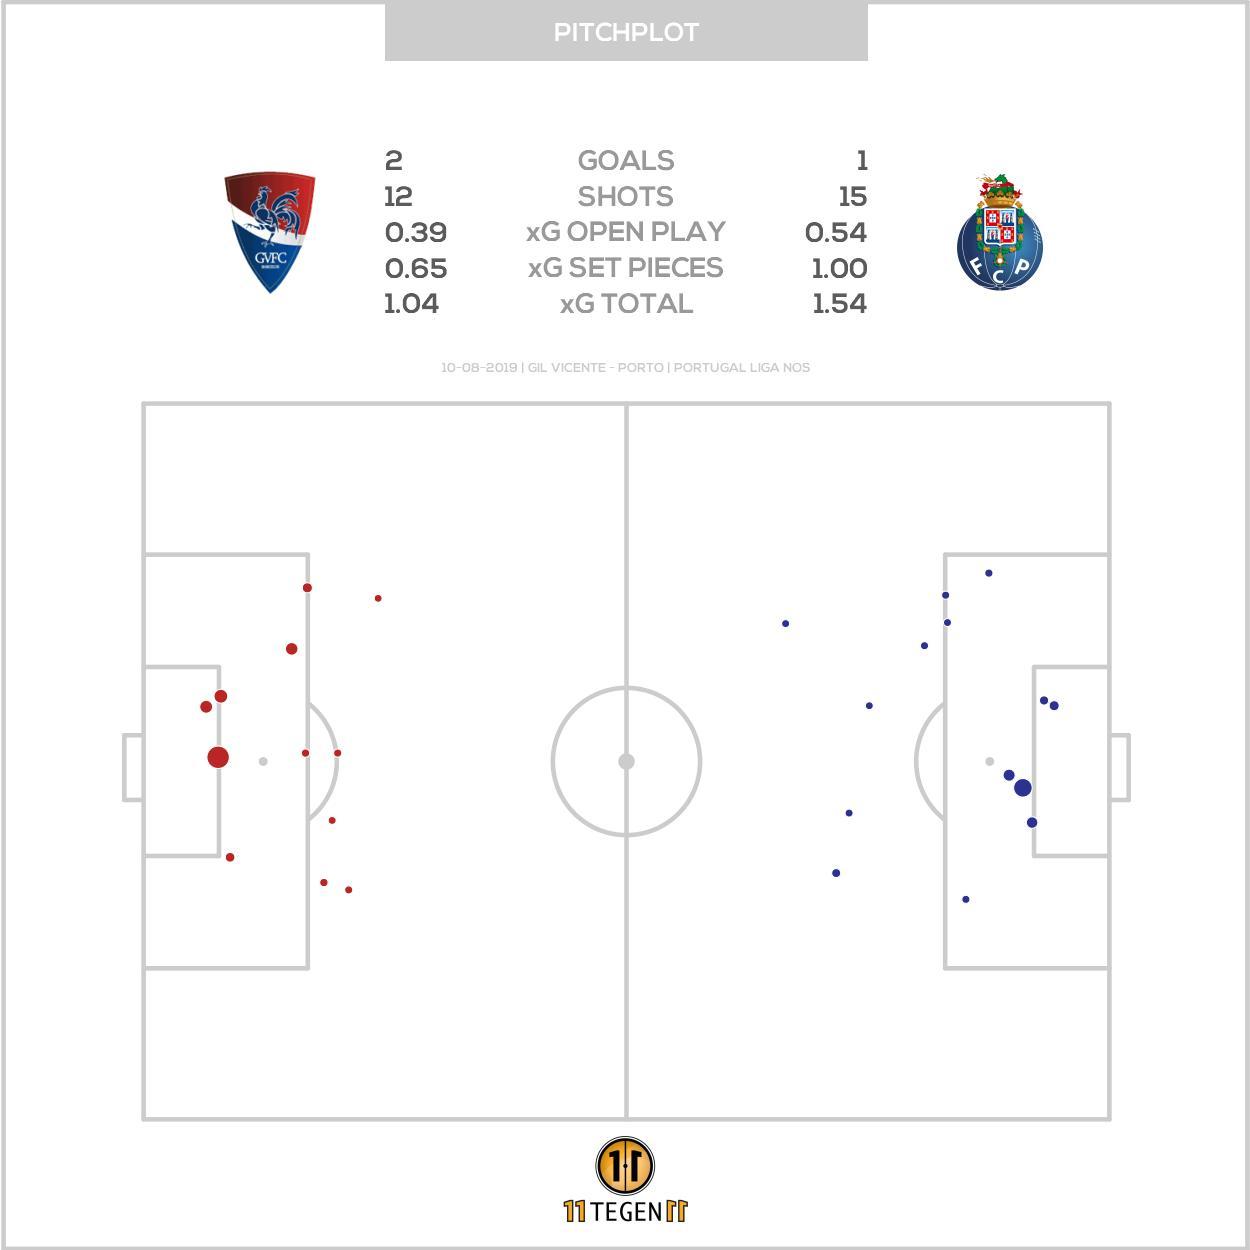 - Resultado da estratégia?0.54 golos esperados em jogo corrido, durante toda a partida (via 11tegen11).